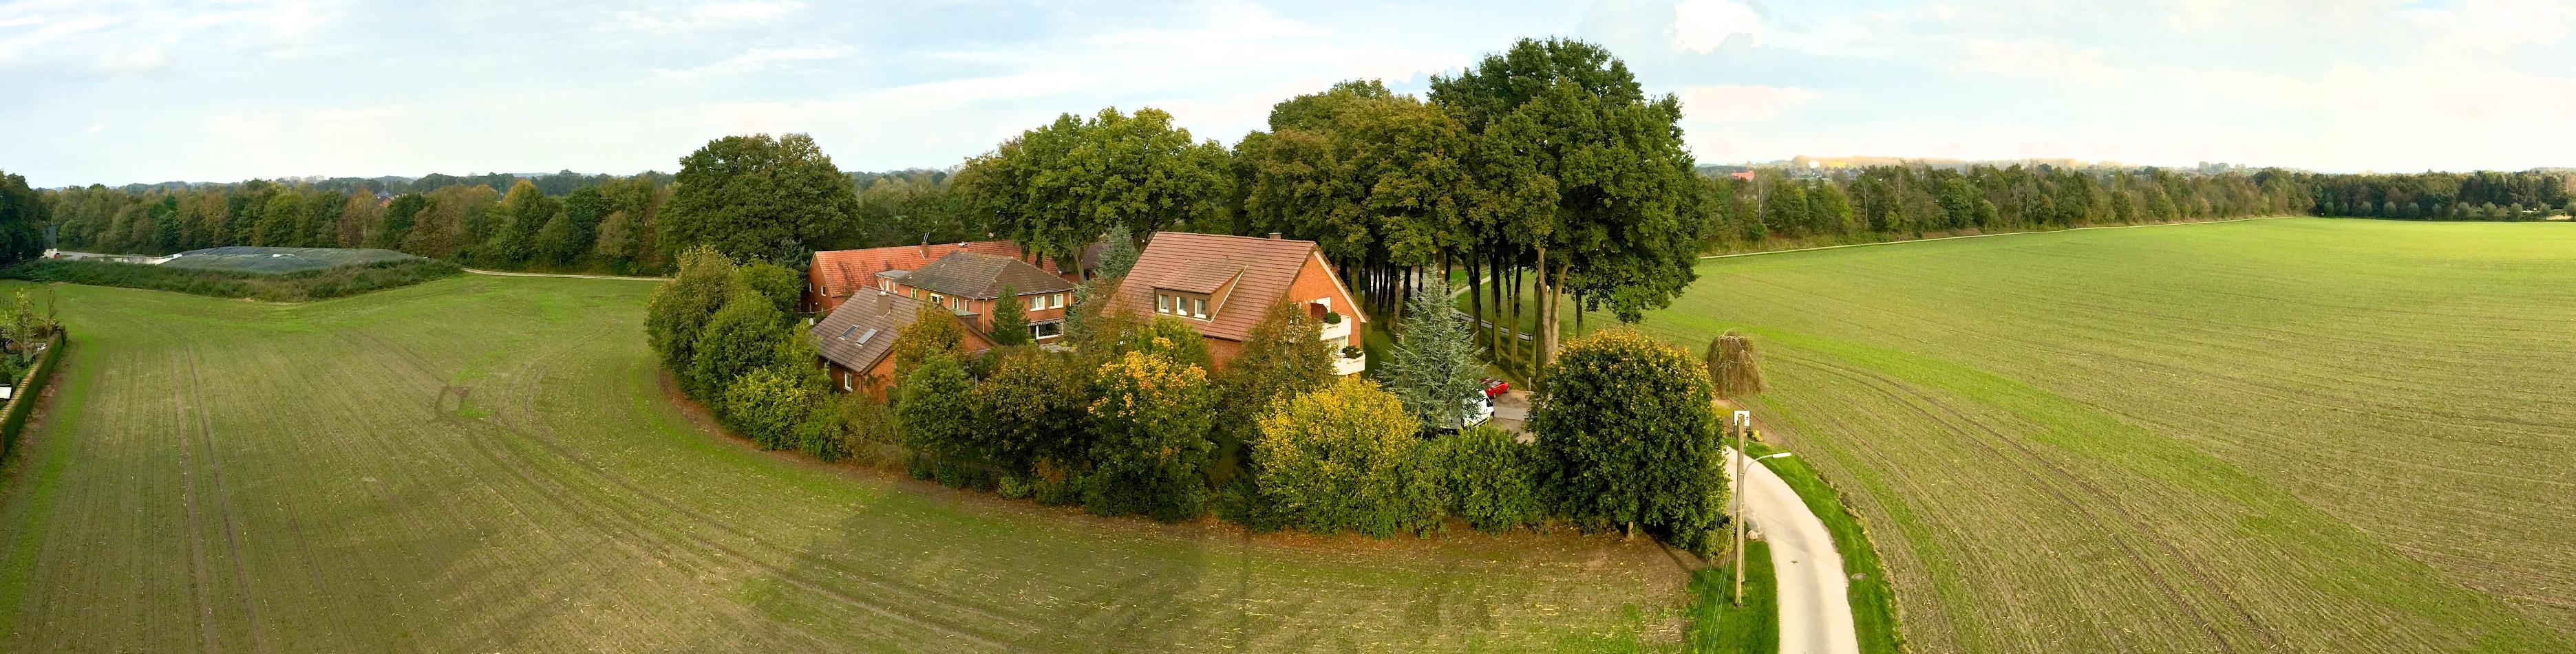 Walkenhausweg in Lippstadt Bad Waldliesborn mit Luftaufnahme vom Hotel Pension und Appartement Haus Stallmeister